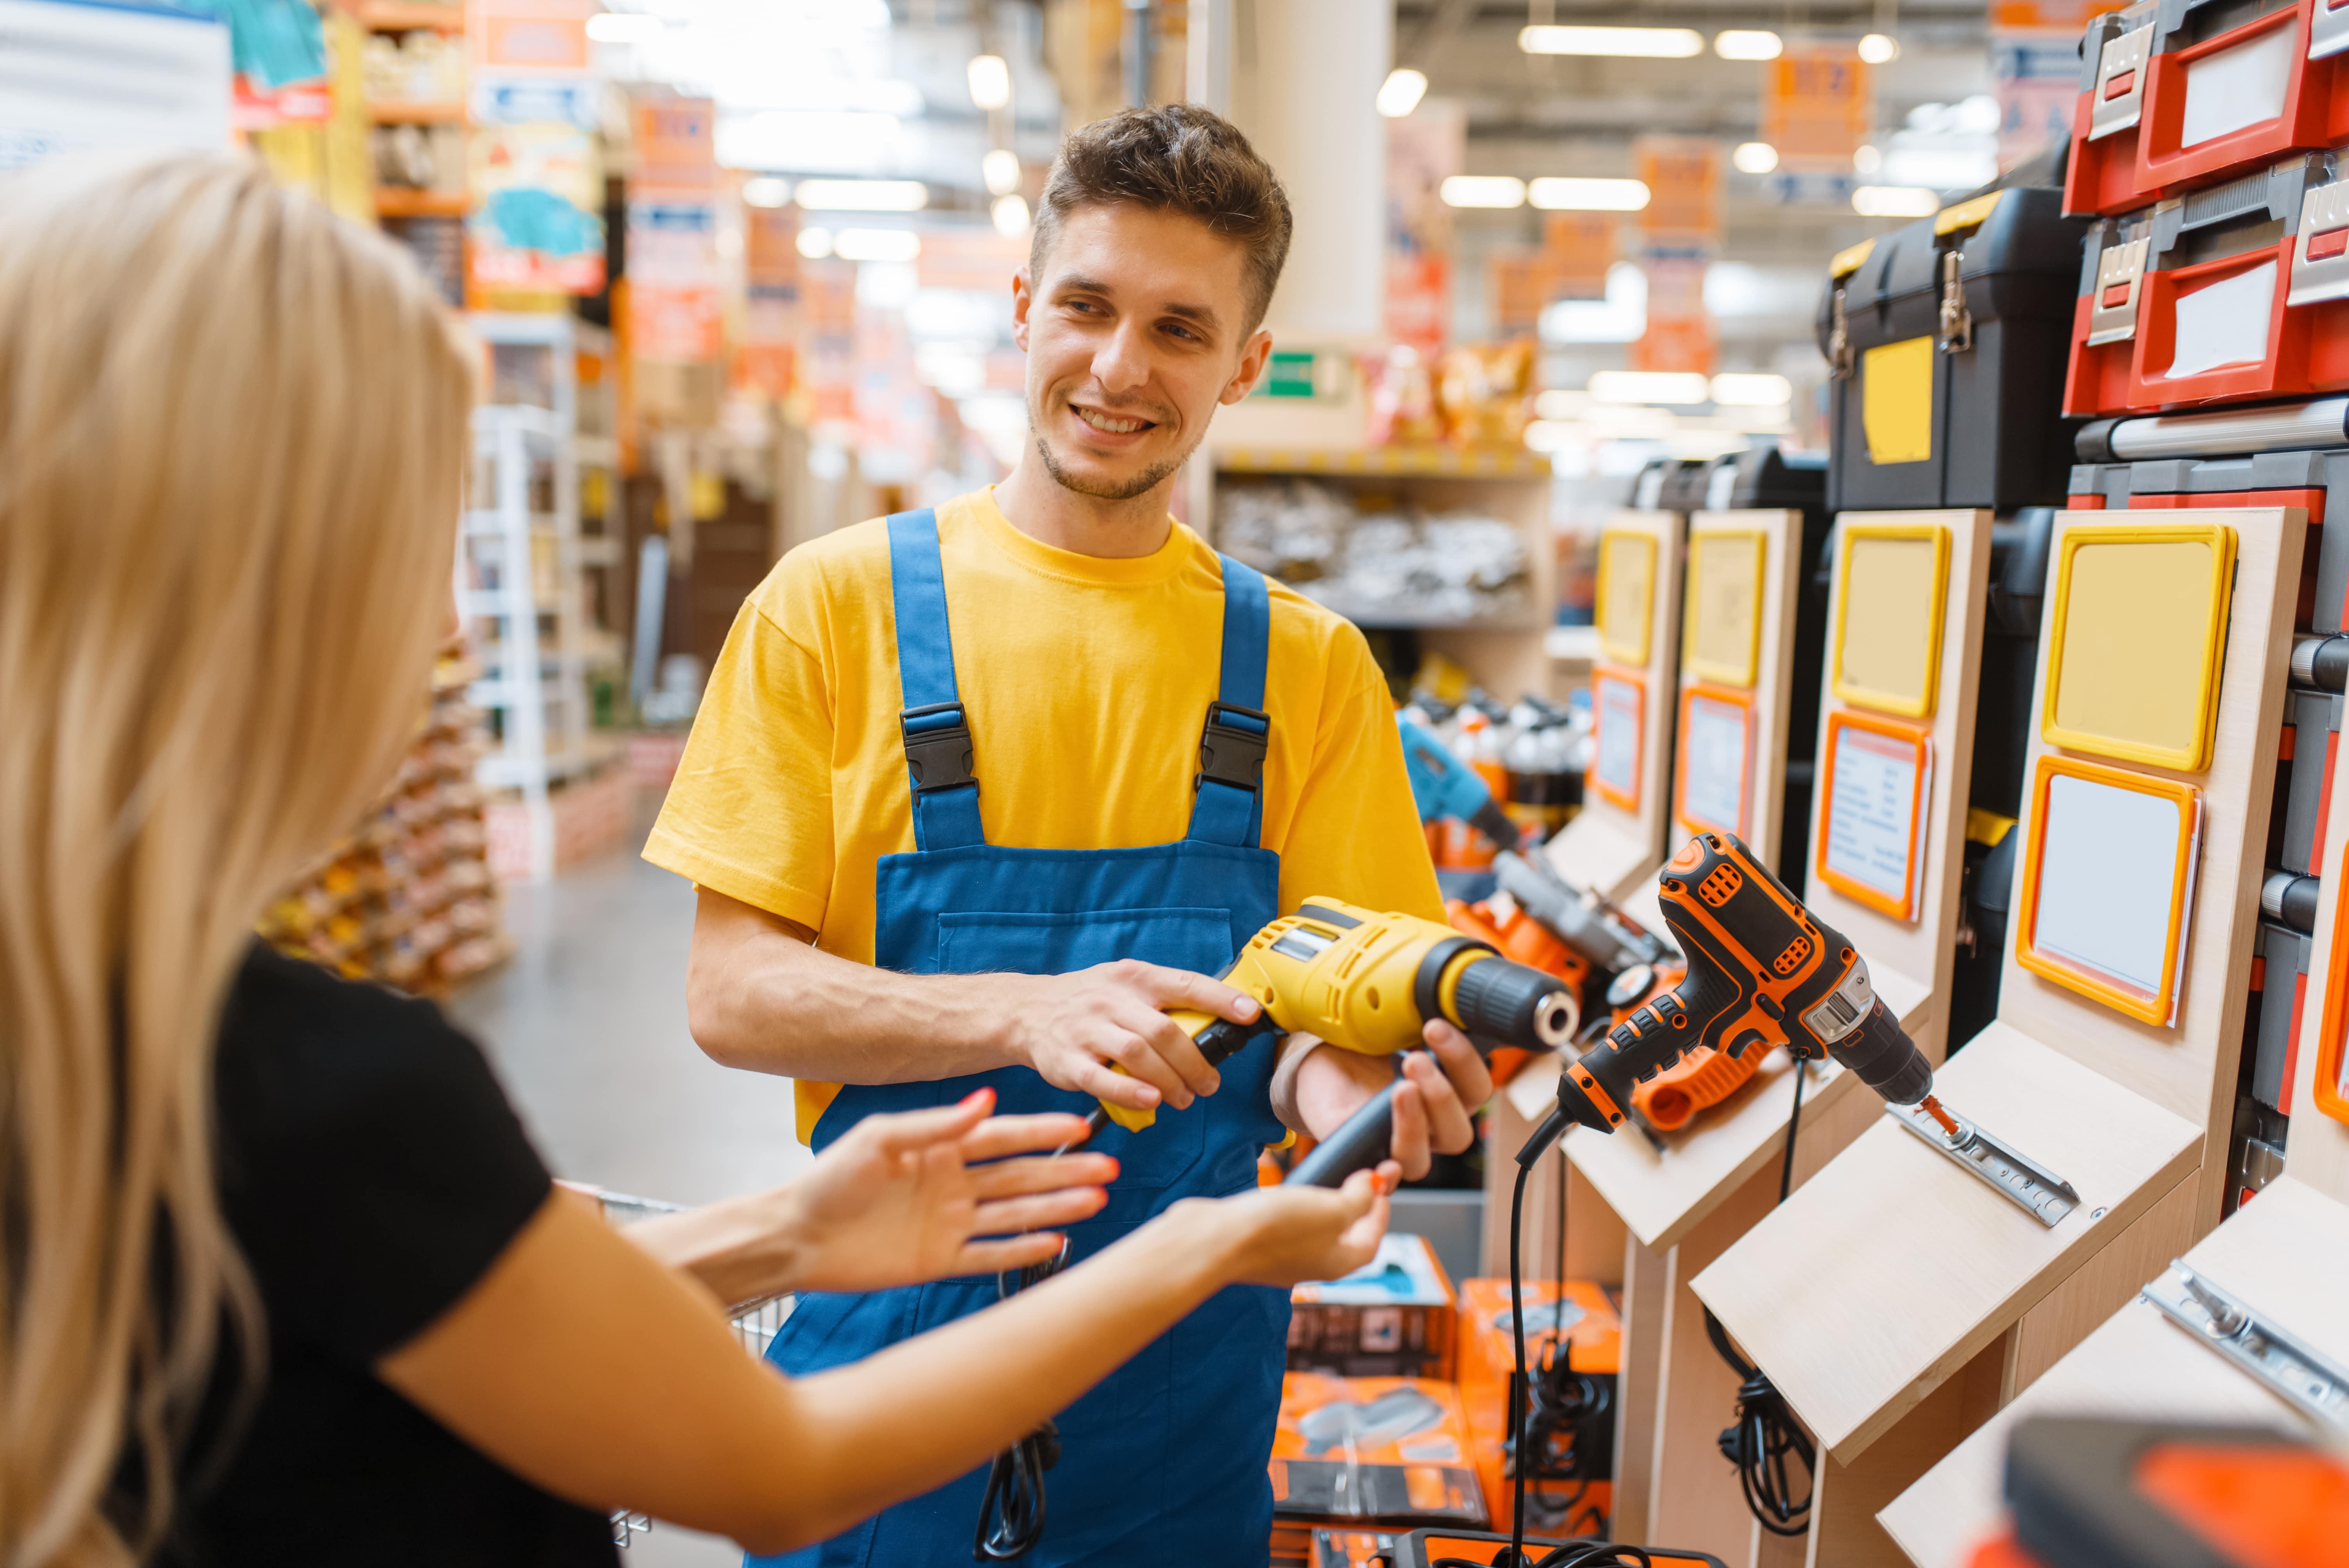 Como abordar o cliente quando ele chega na loja?